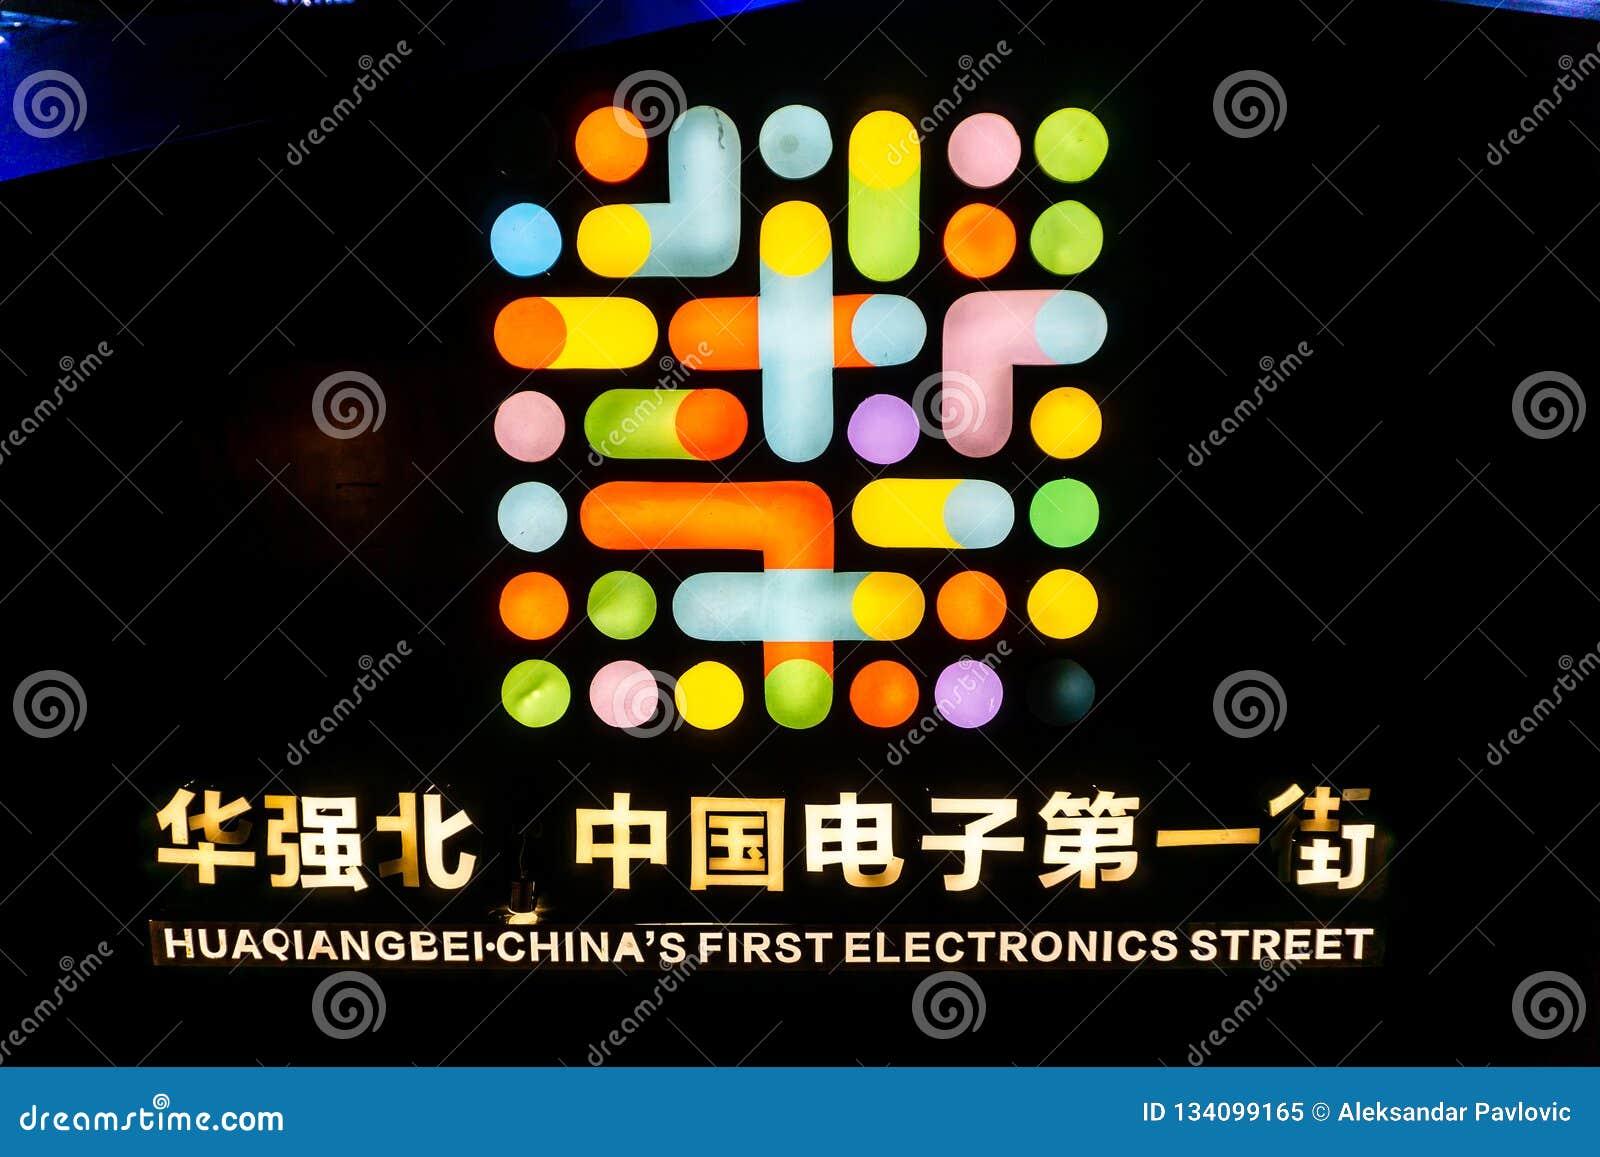 深圳华强北部商业街17